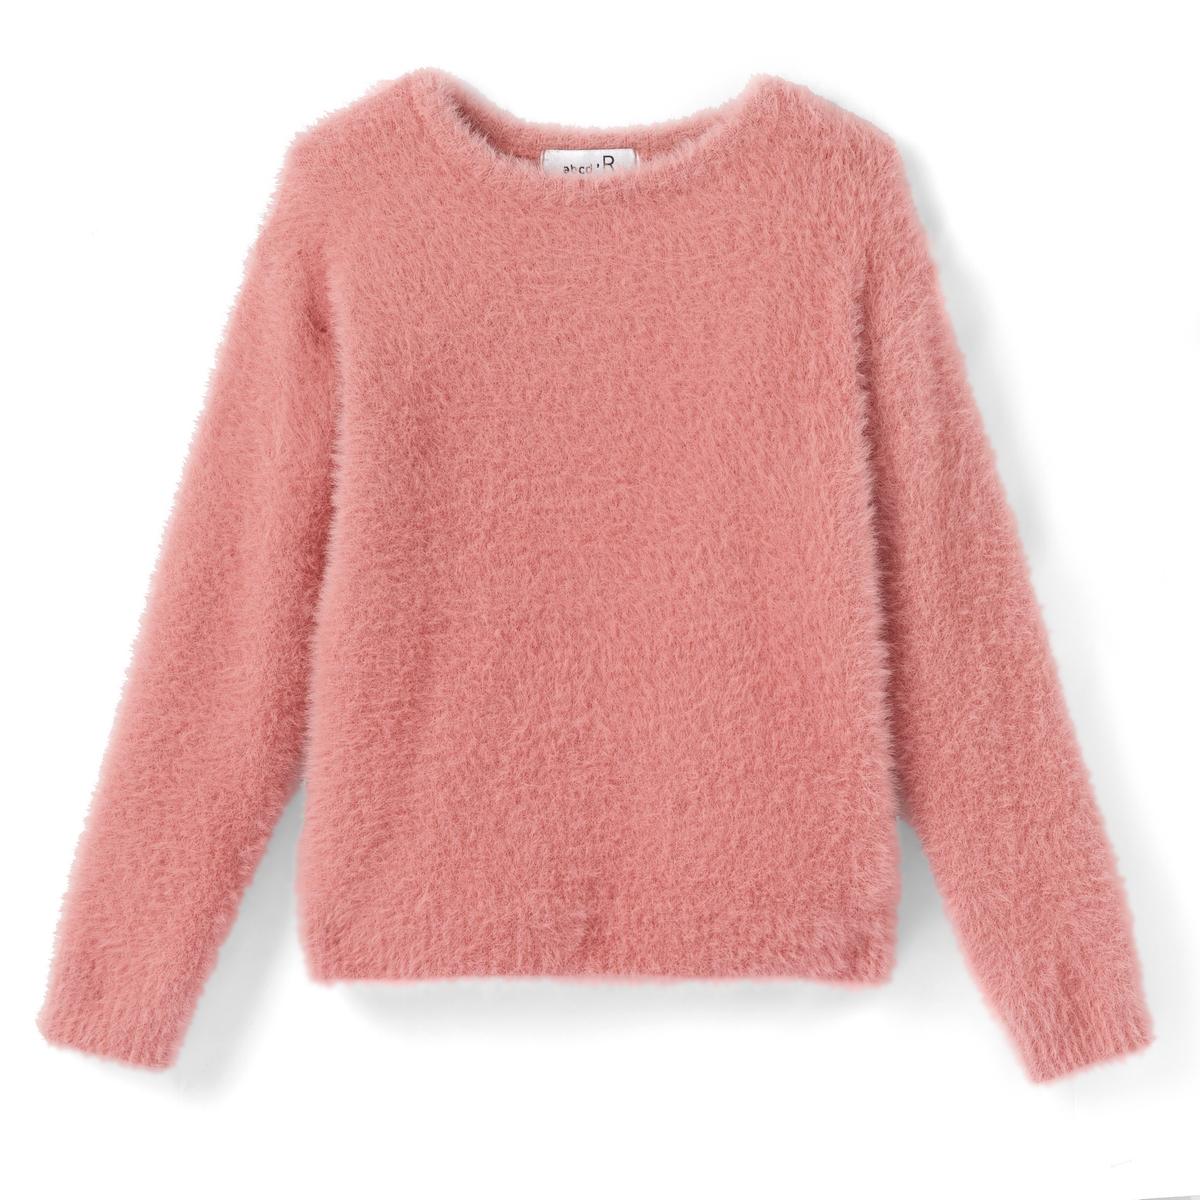 Пуловер с круглым вырезом из очень мягкого трикотажа, 3-12 лет